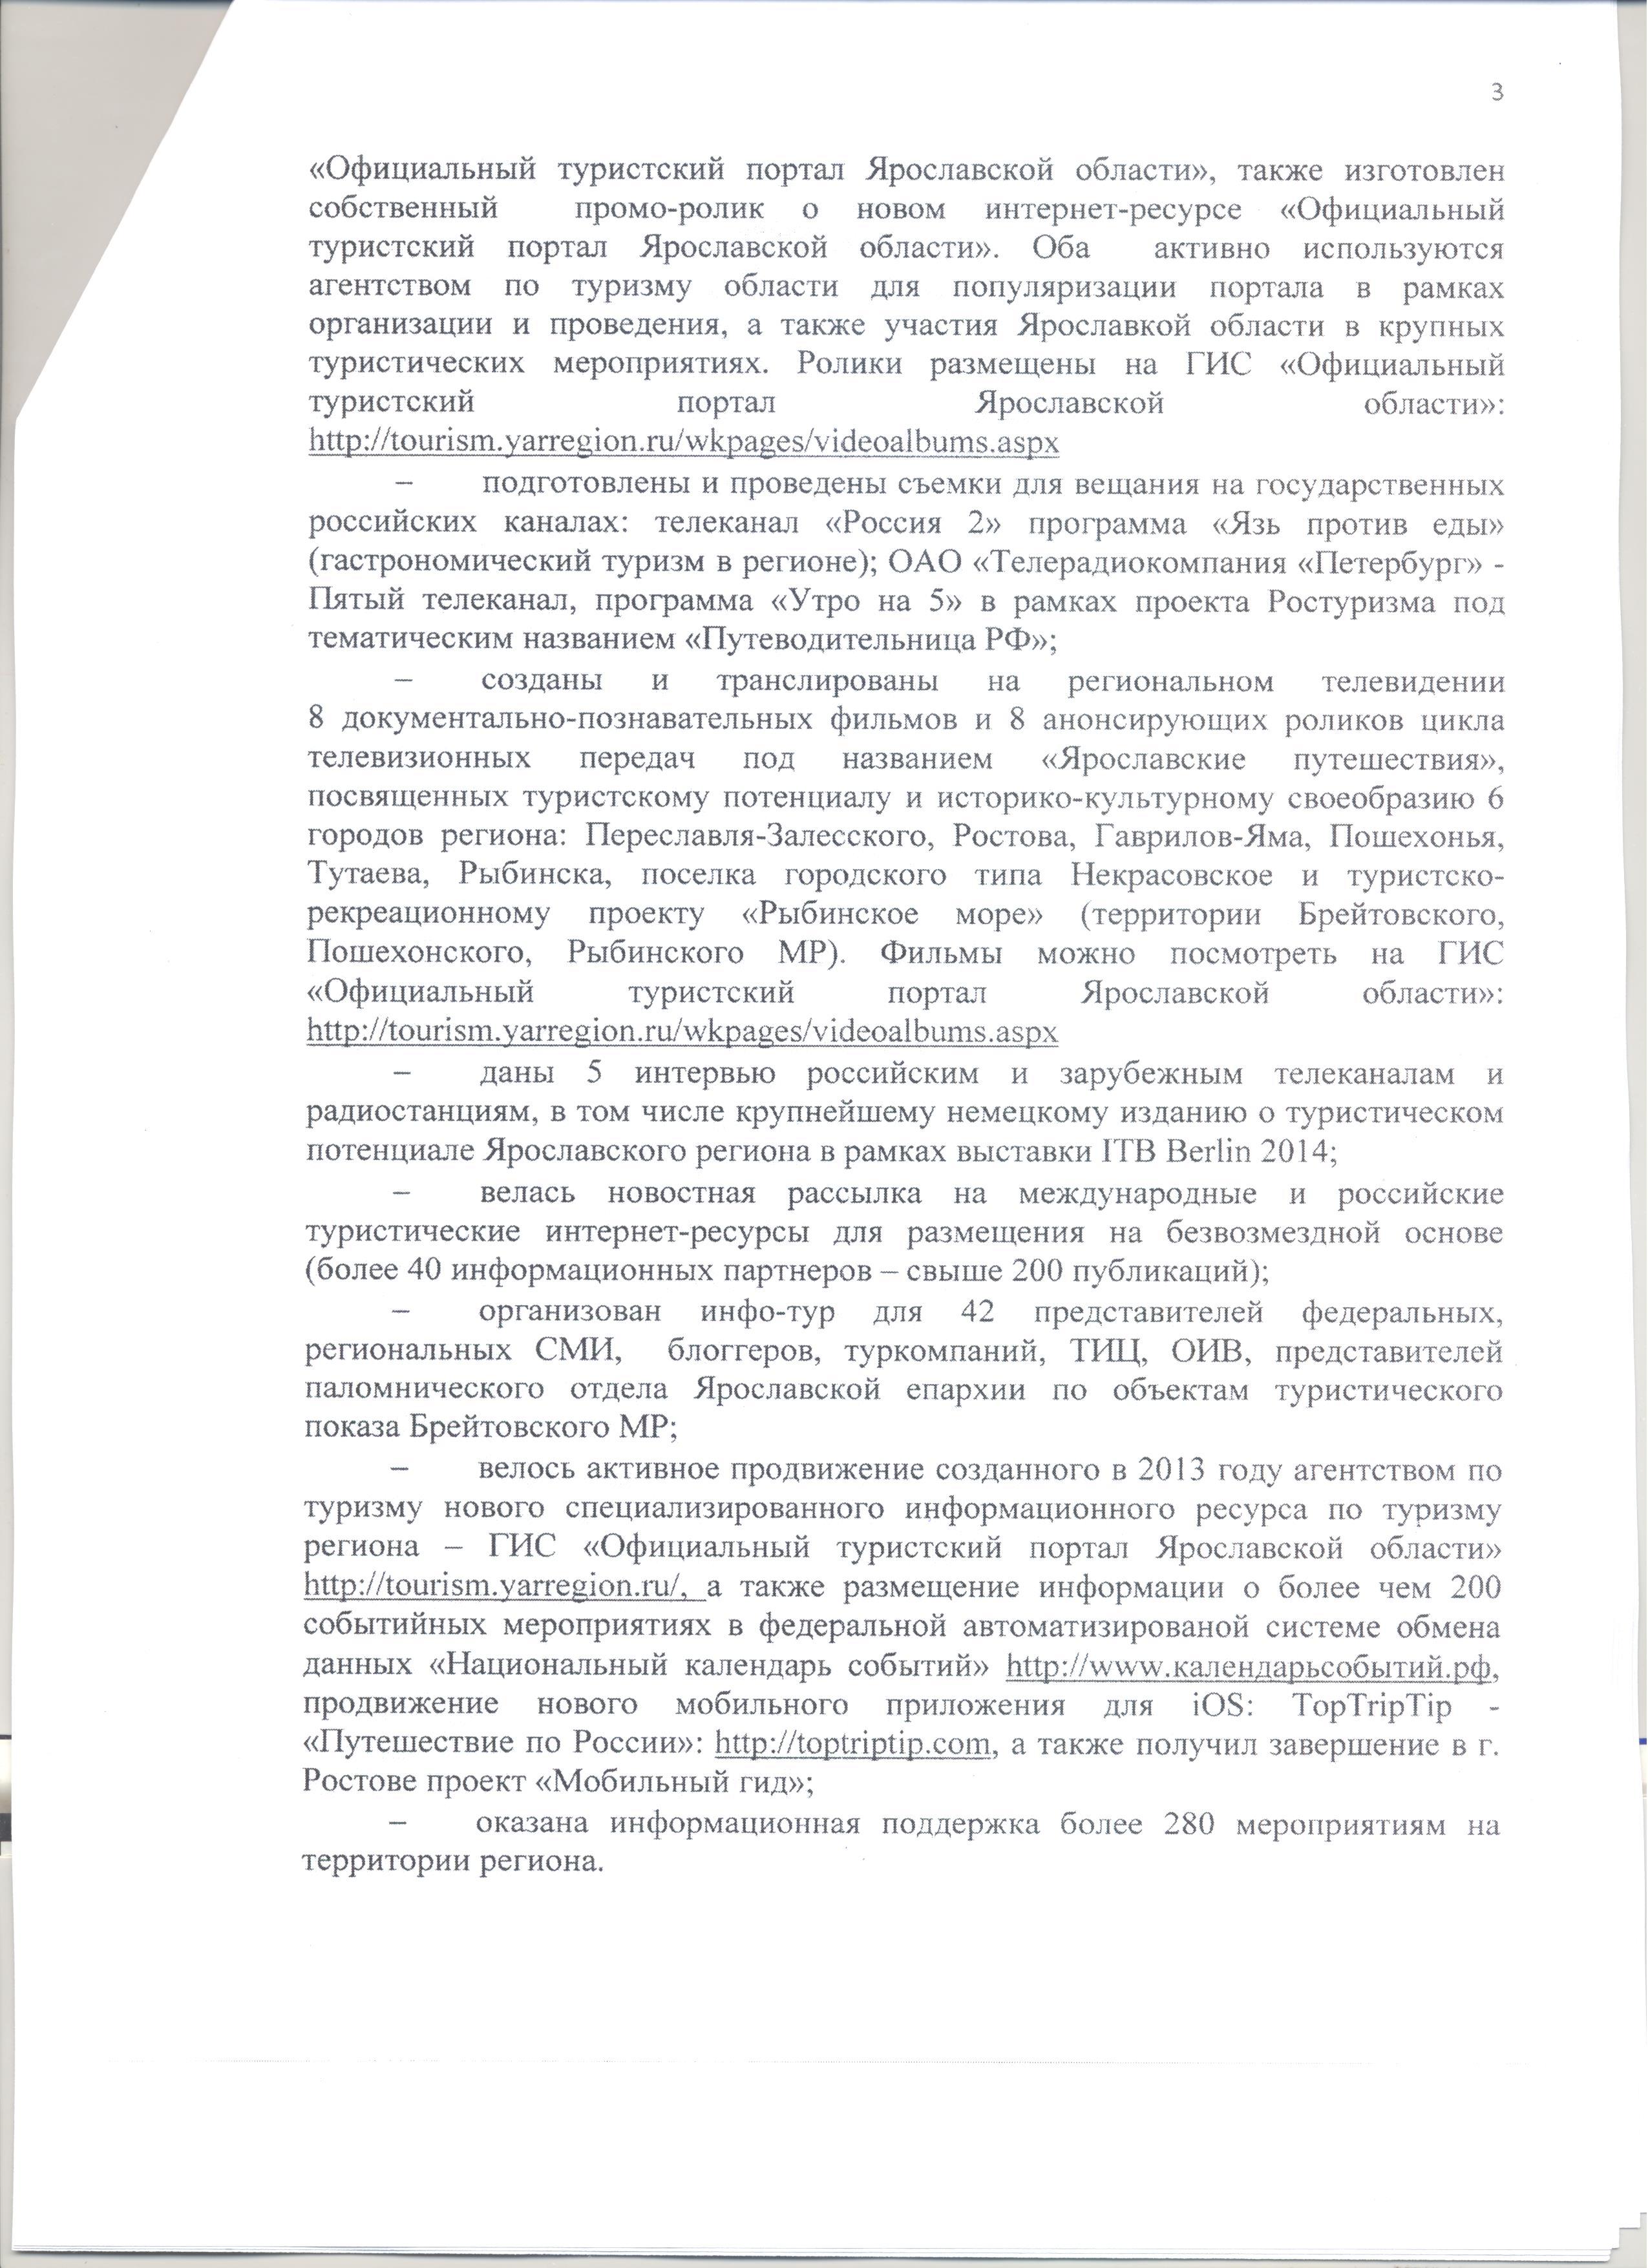 Ответ Ярославской Обл.4